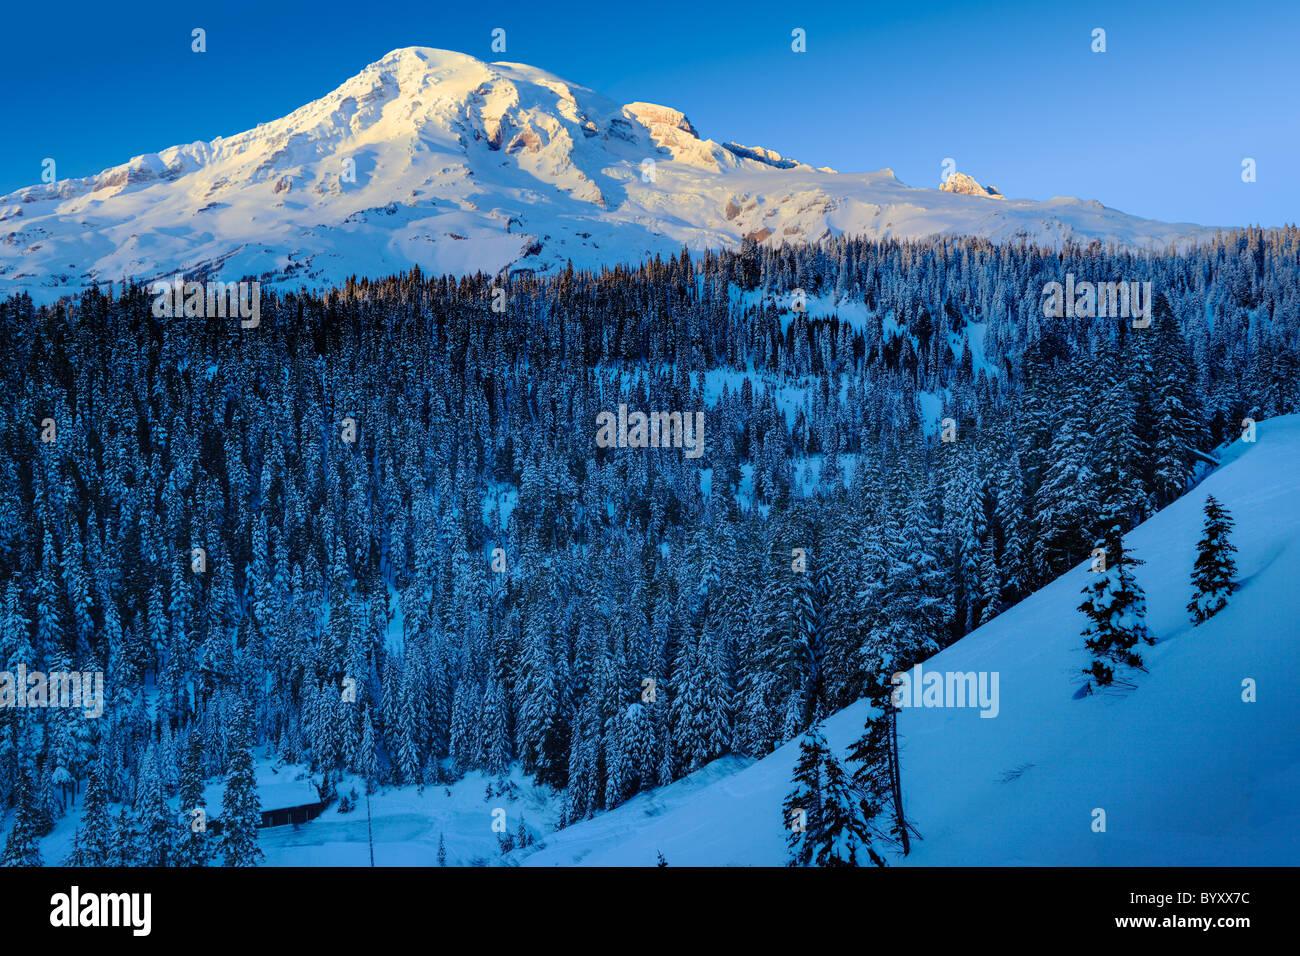 Vue sur la face sud du Mont Rainier au coucher du soleil au coeur de l'hiver Photo Stock